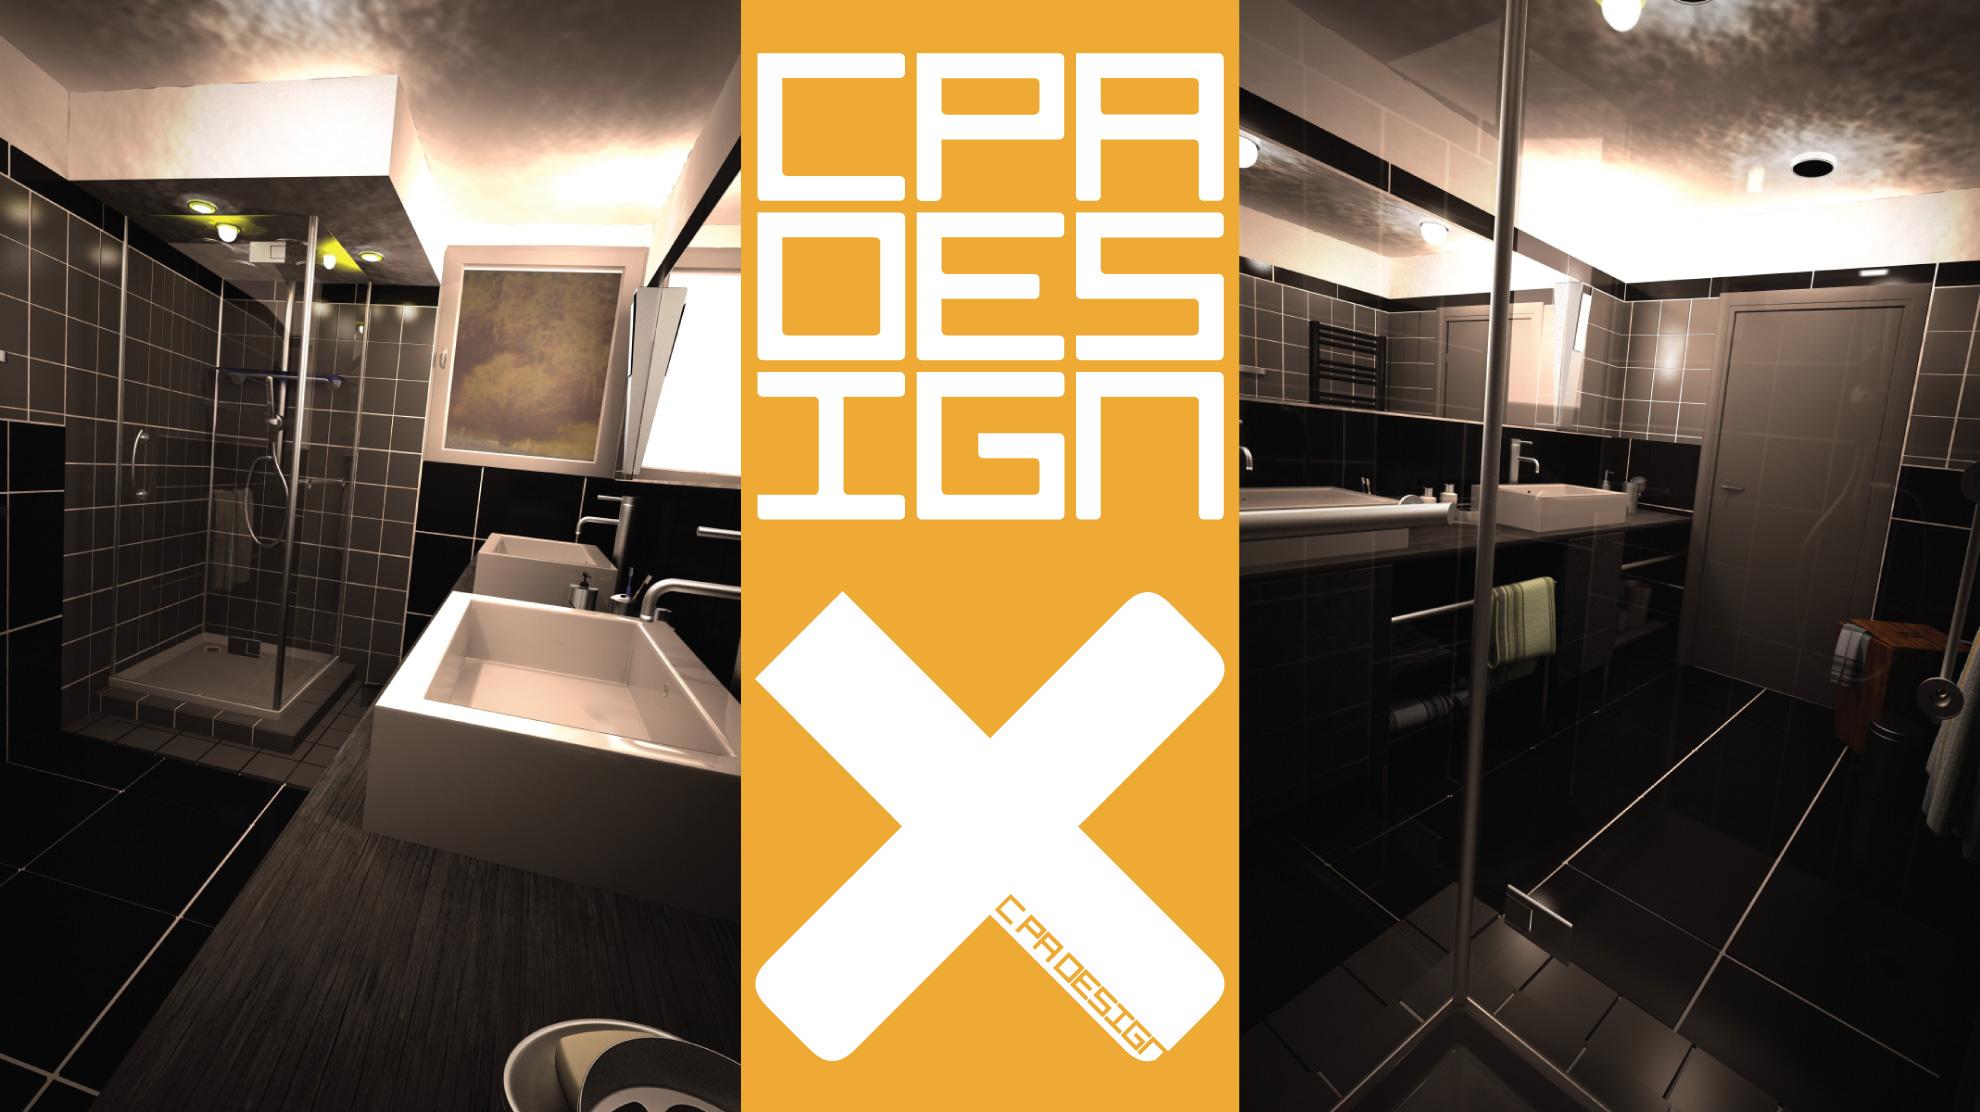 c_pa_design_produit_insertion-perspective-interieure-architecture